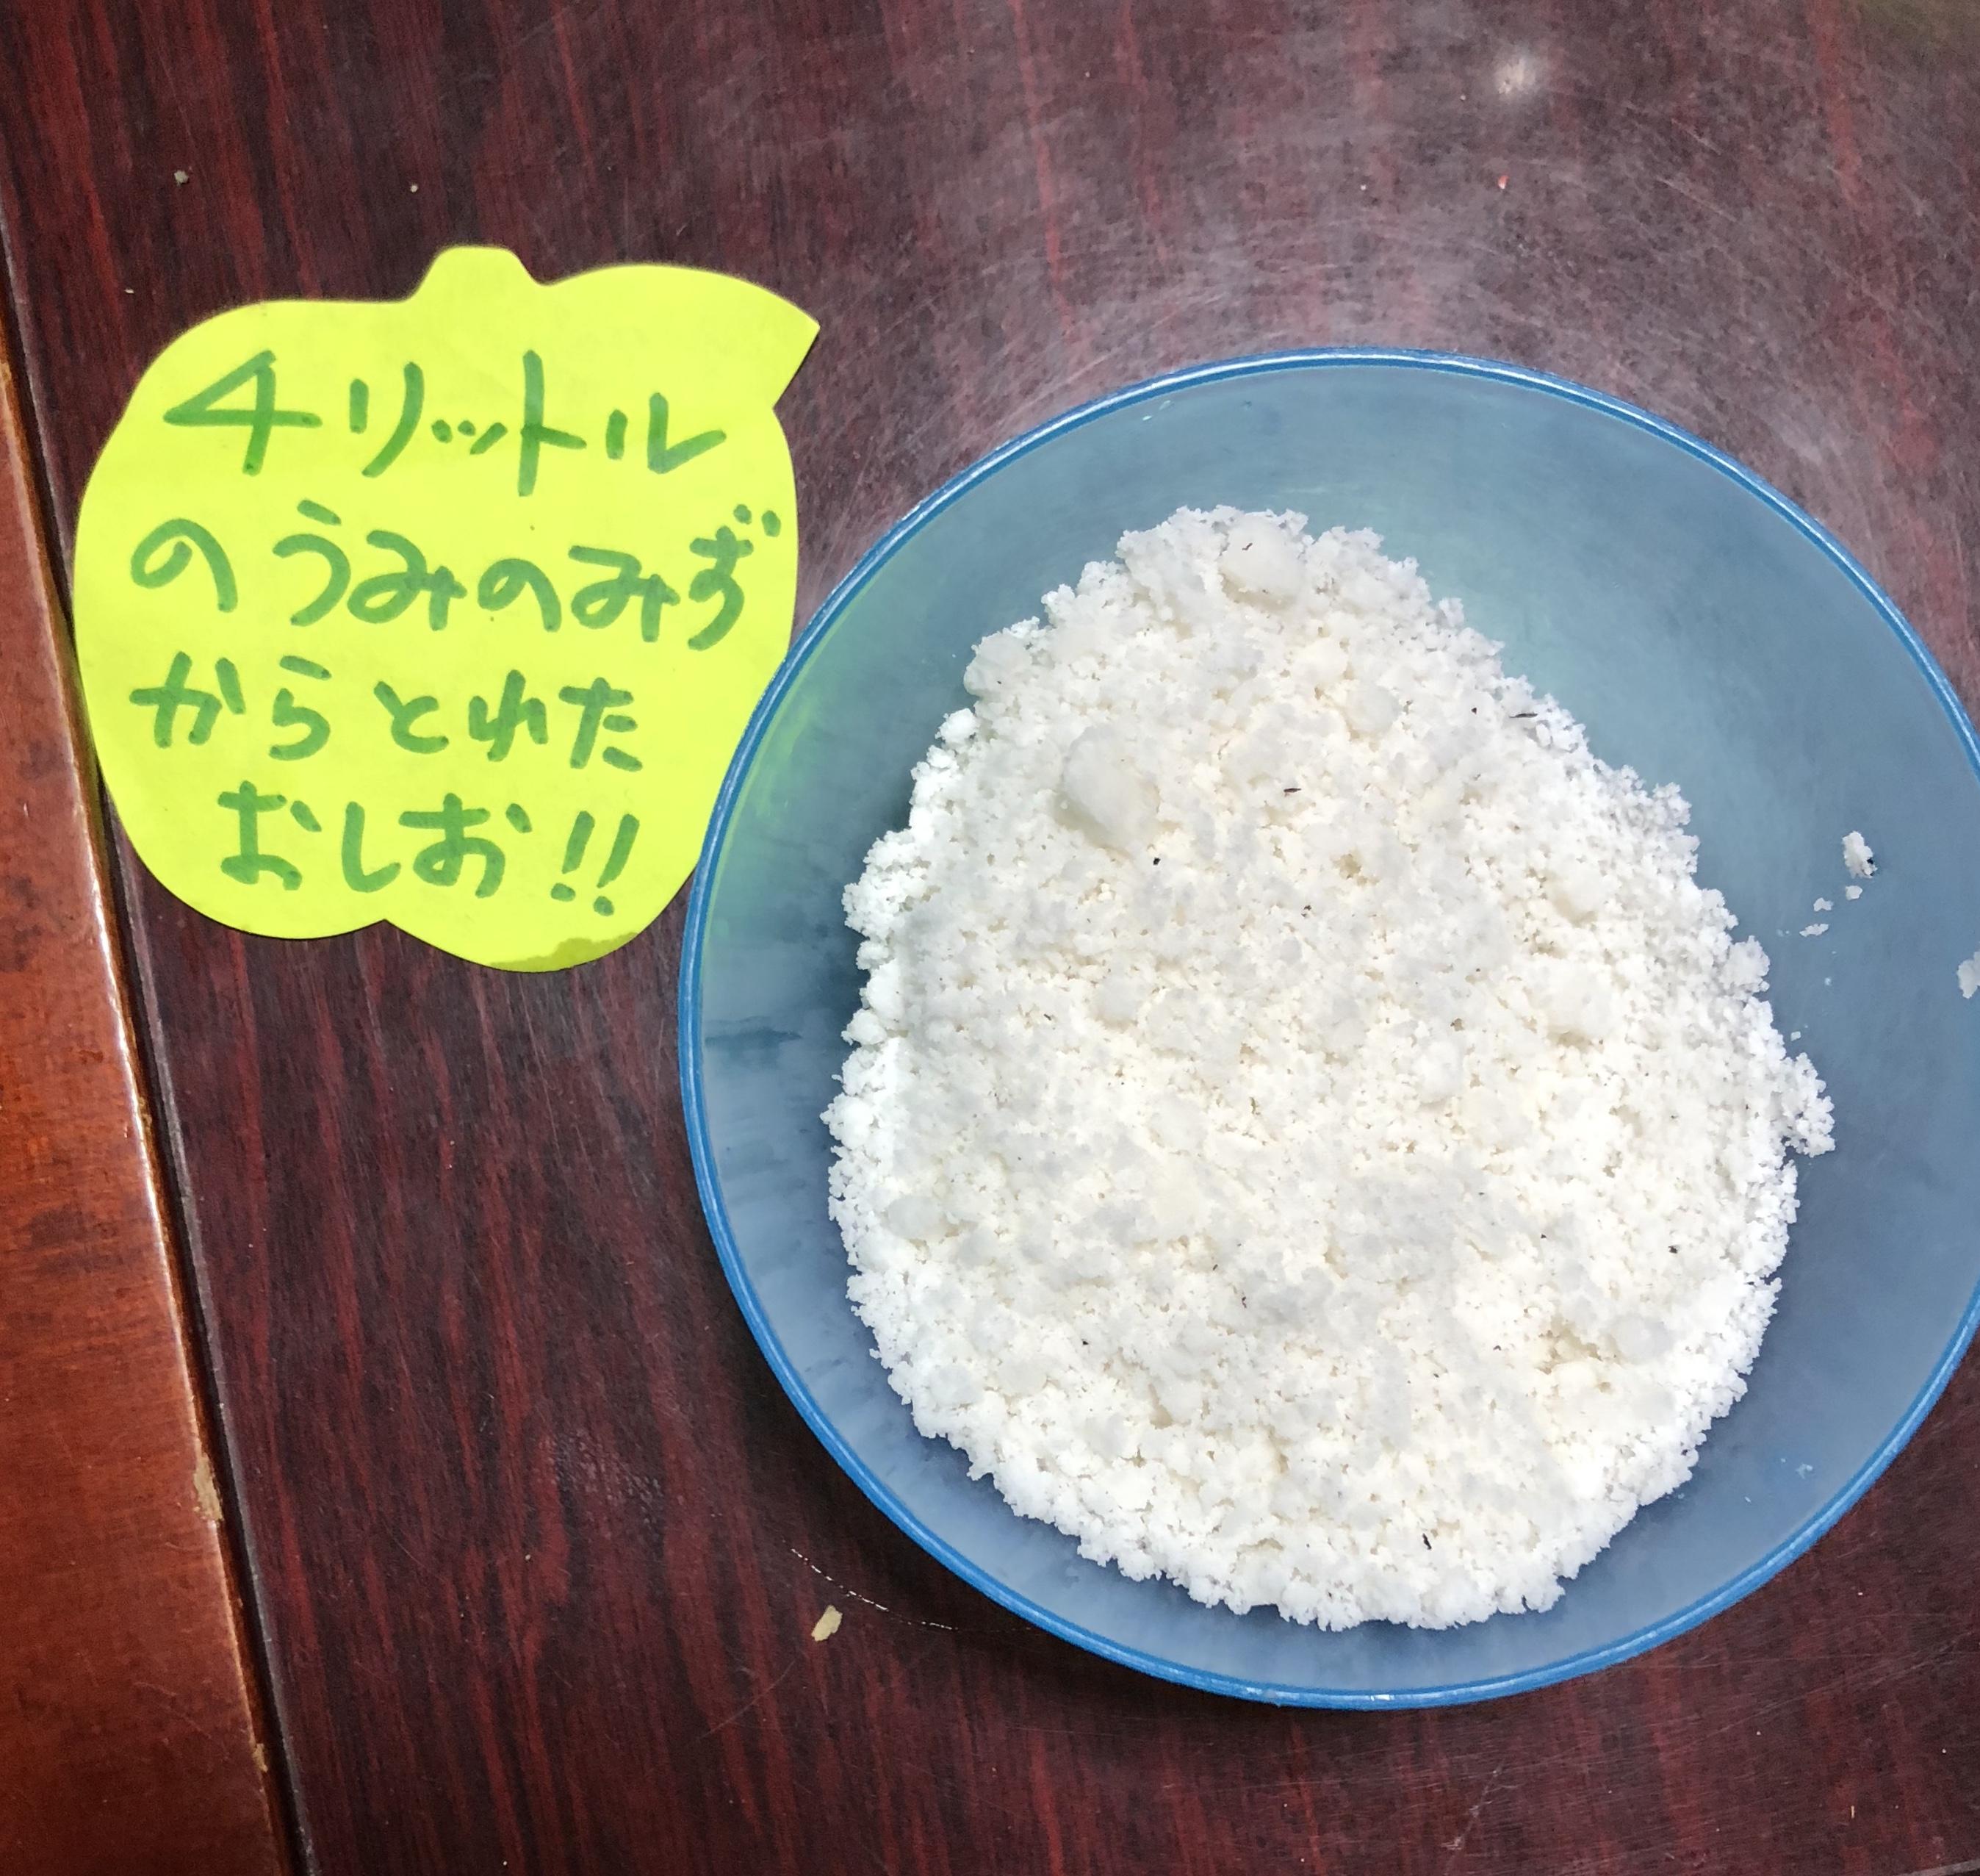 海水から採った塩をおかずにおやつを作りました。